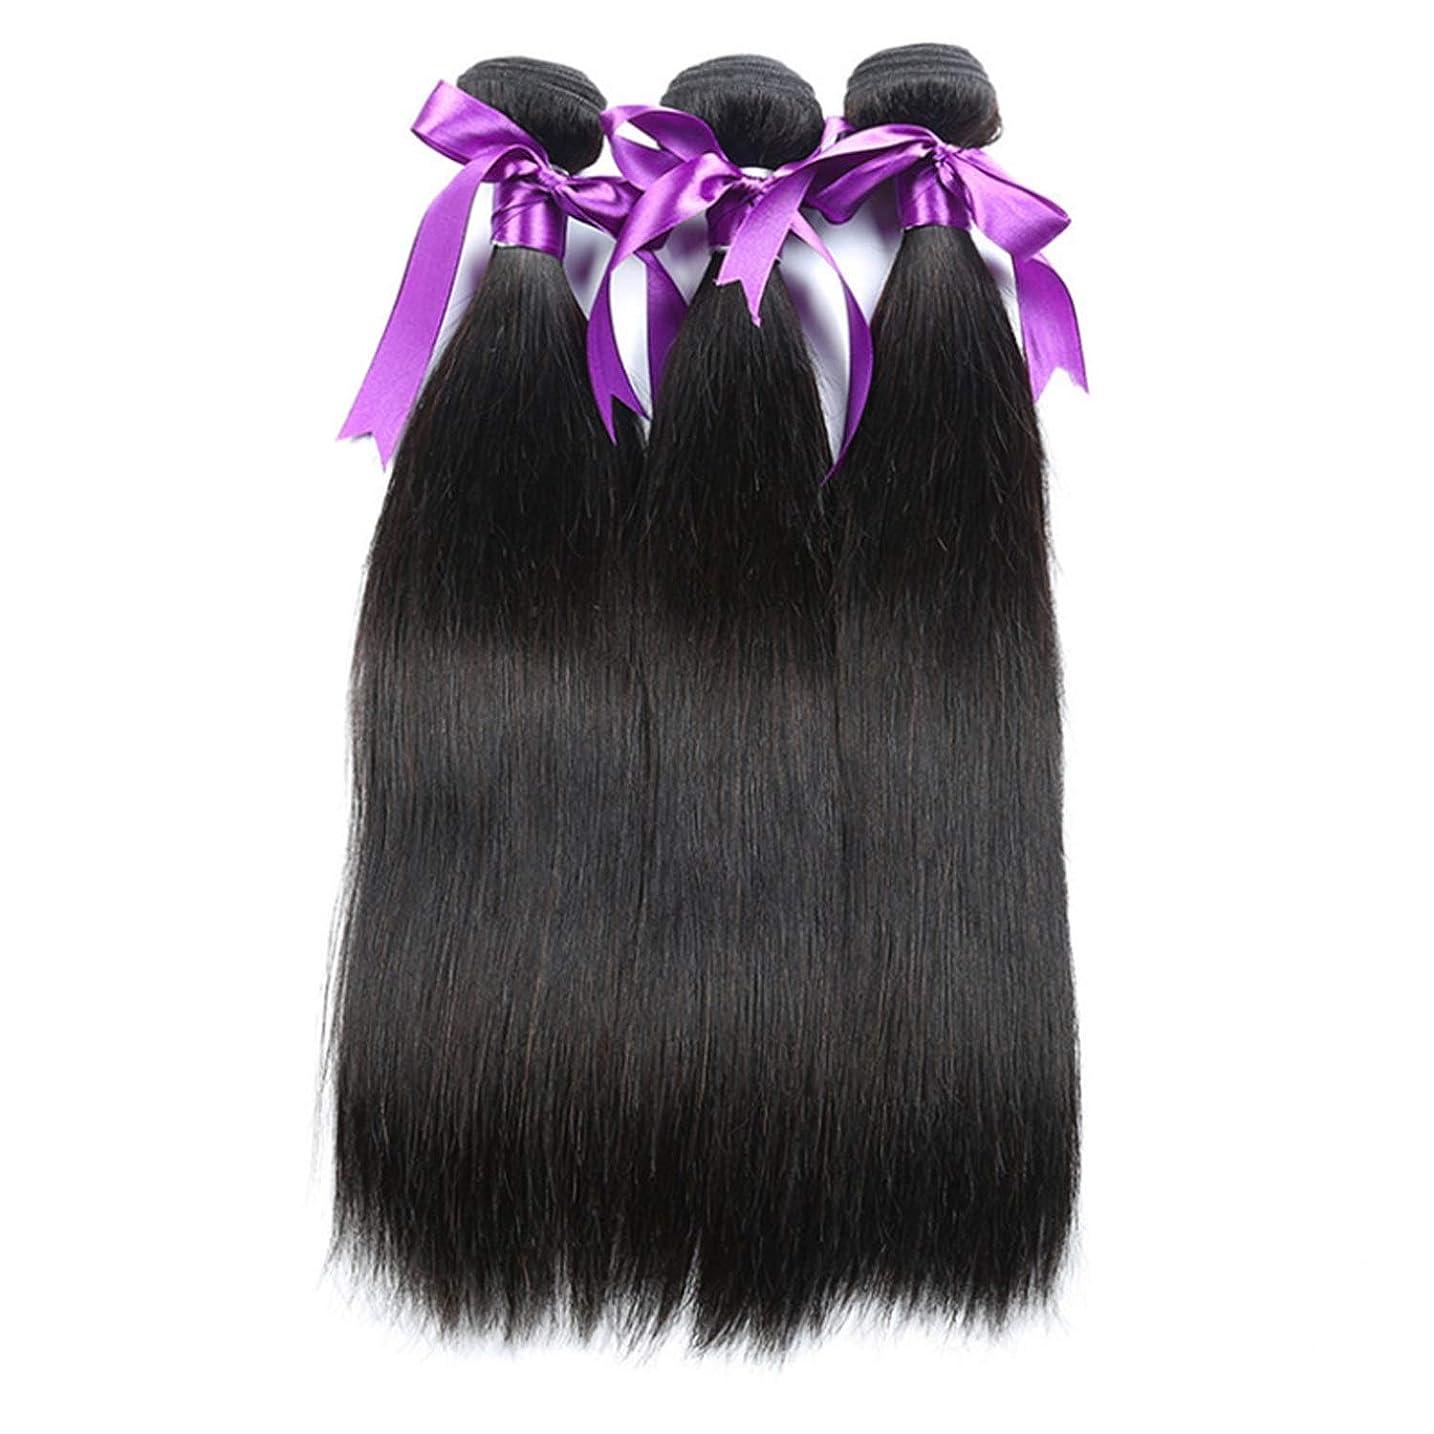 立ち向かうコンサルタントペストリーペルーのストレートヘア織り3バンドル/ロット100%人のRemyの髪横糸8-28インチボディヘアエクステンション かつら (Stretched Length : 20 22 24)